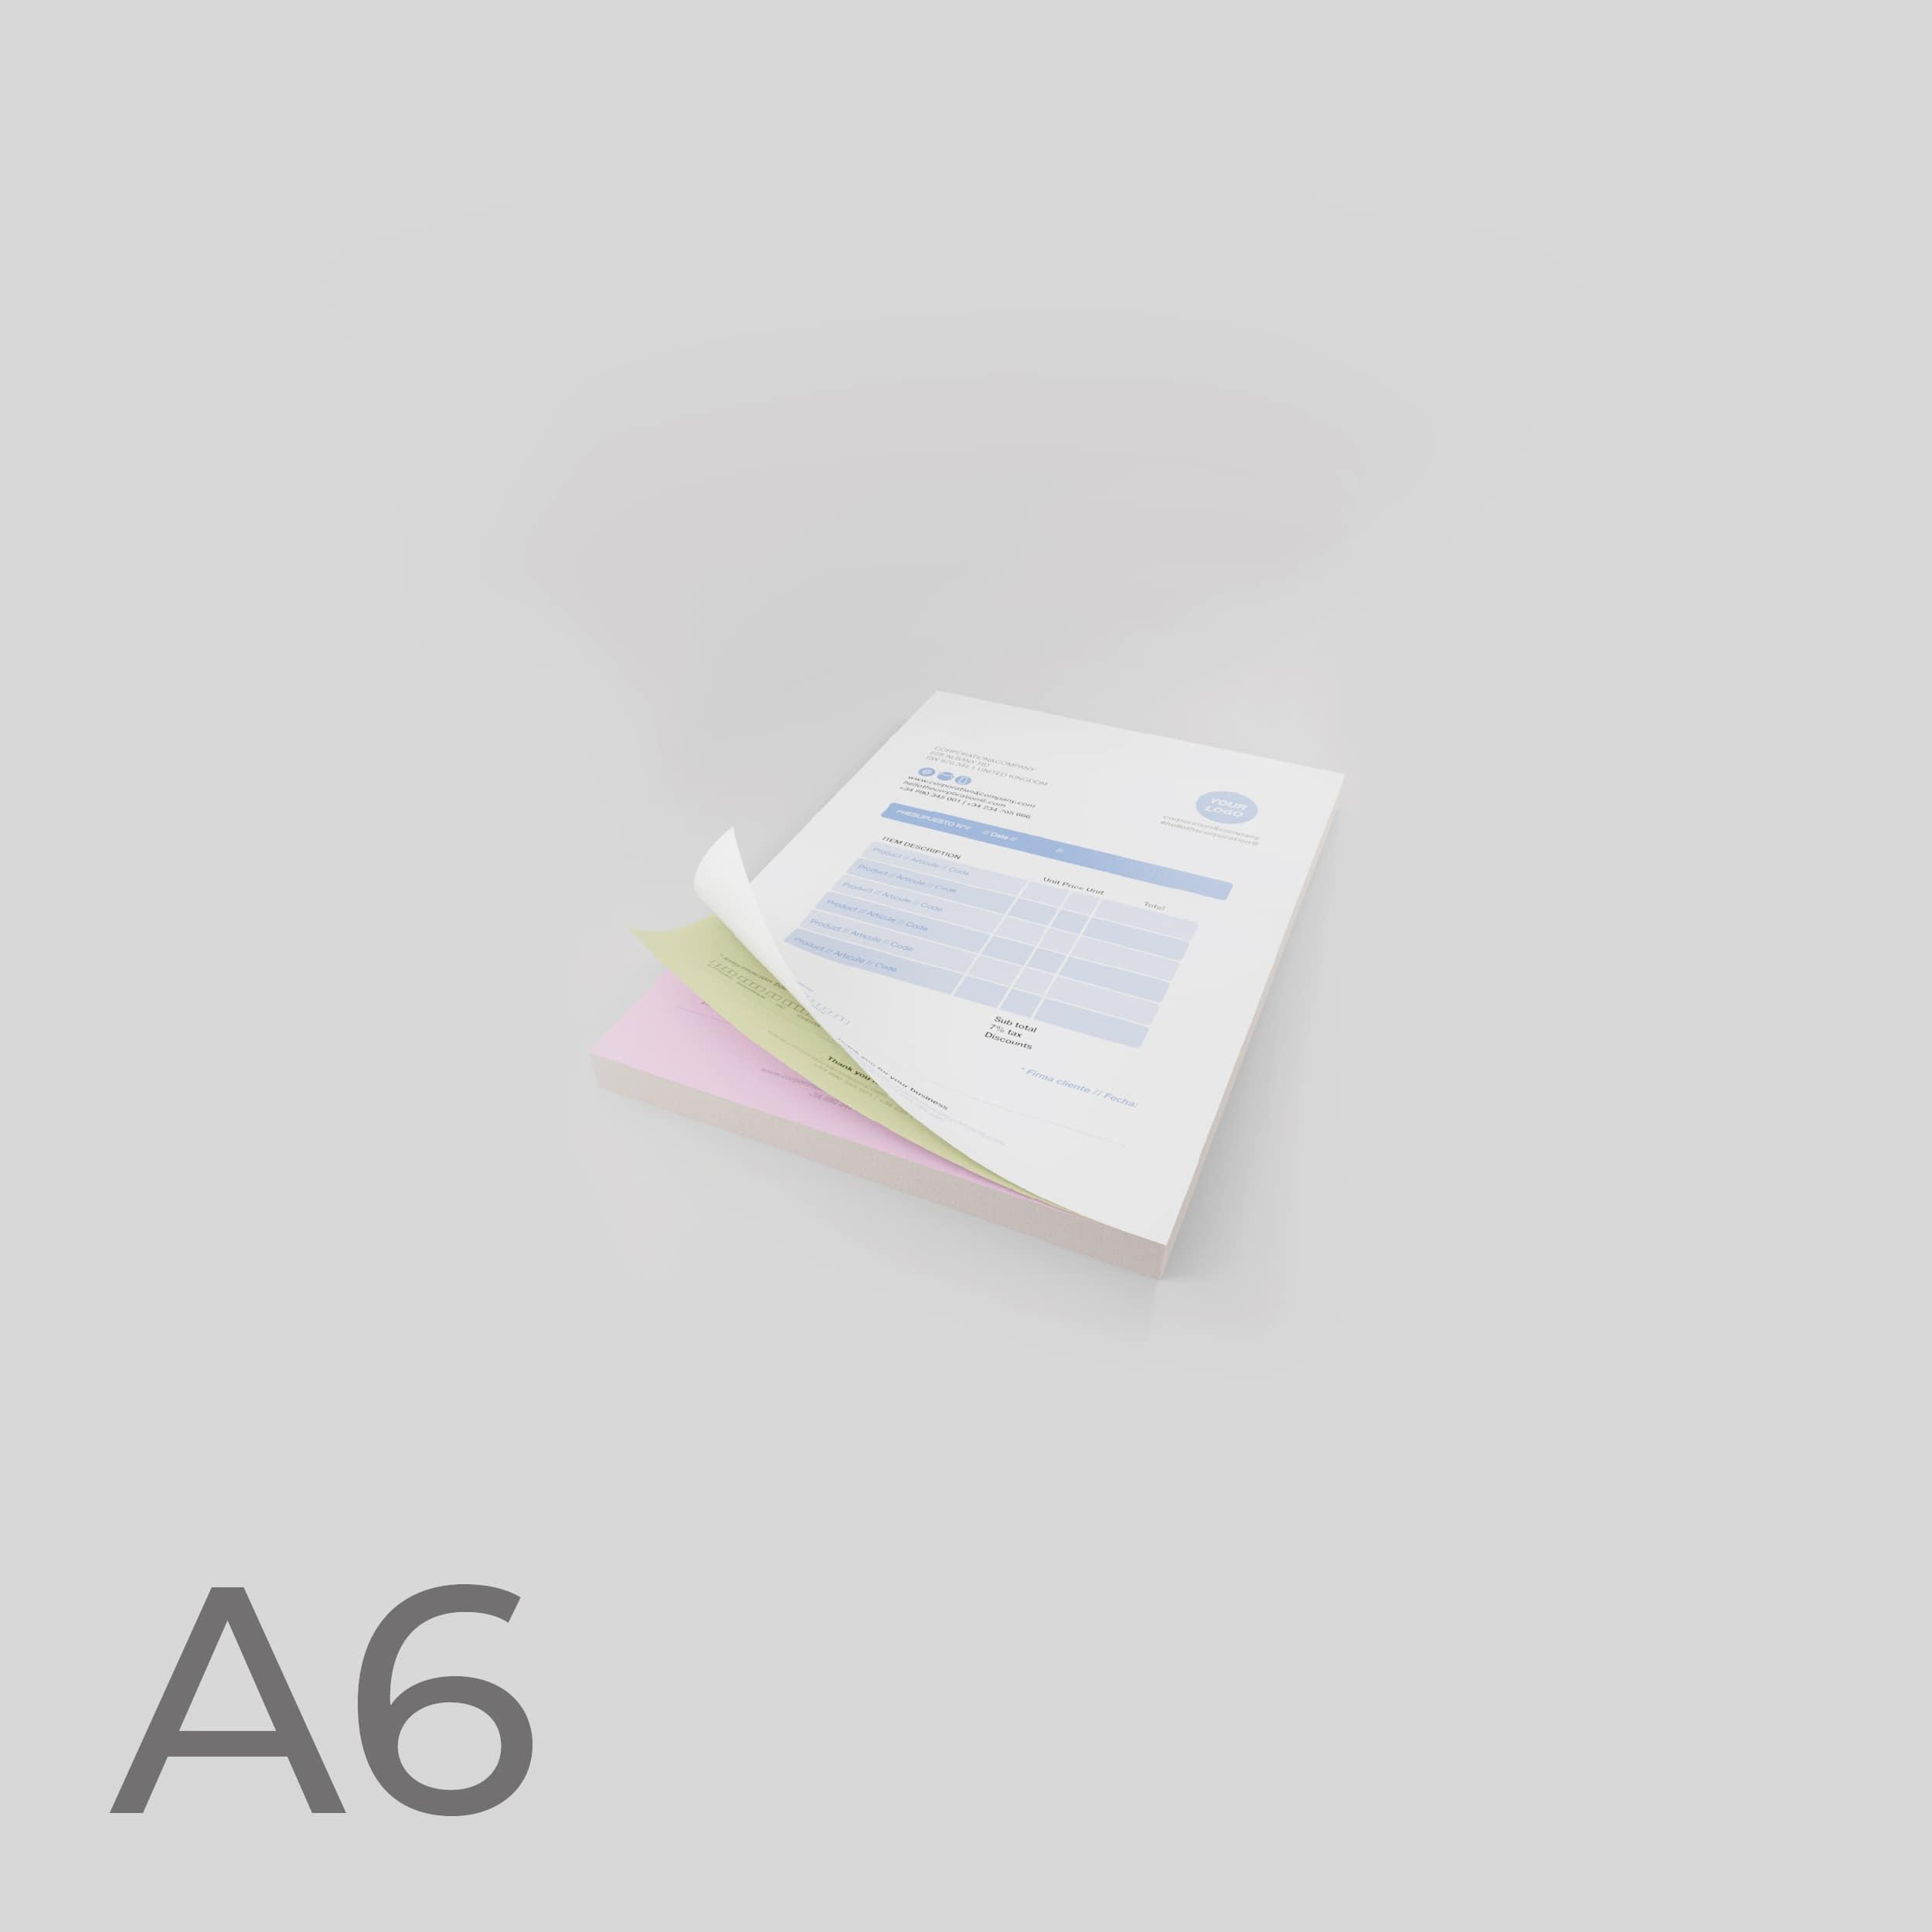 Moduli autoricalcanti Formato A6